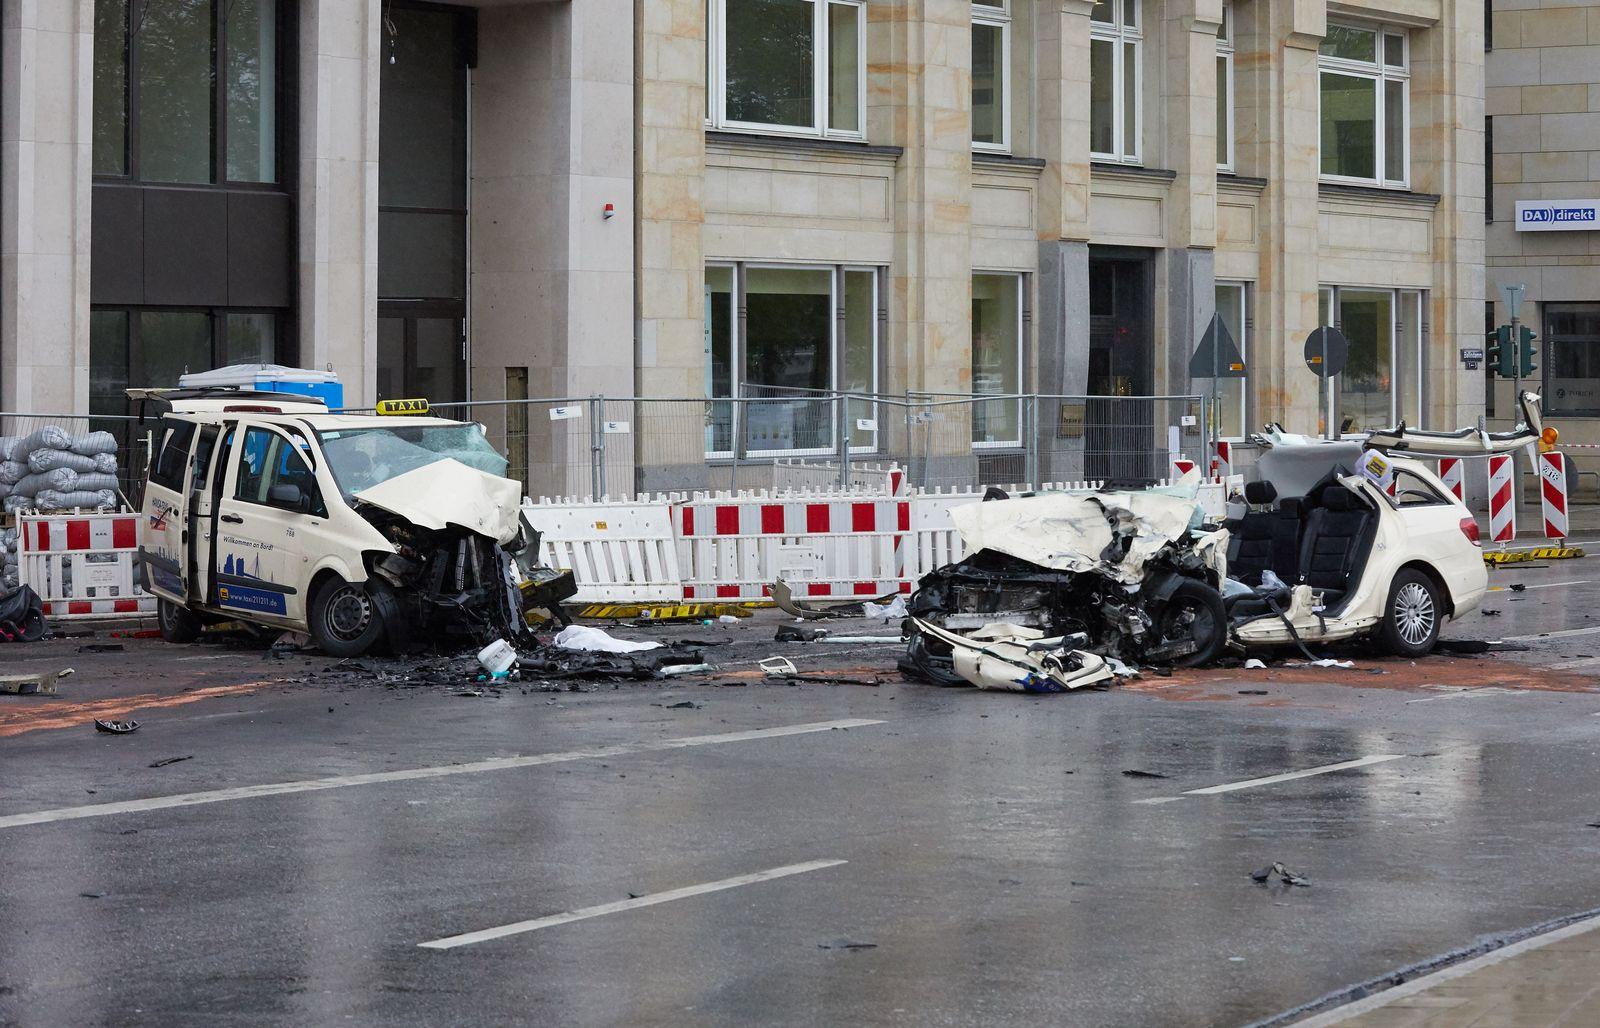 Zwei Taxis stoßen zusammen in Hamburg